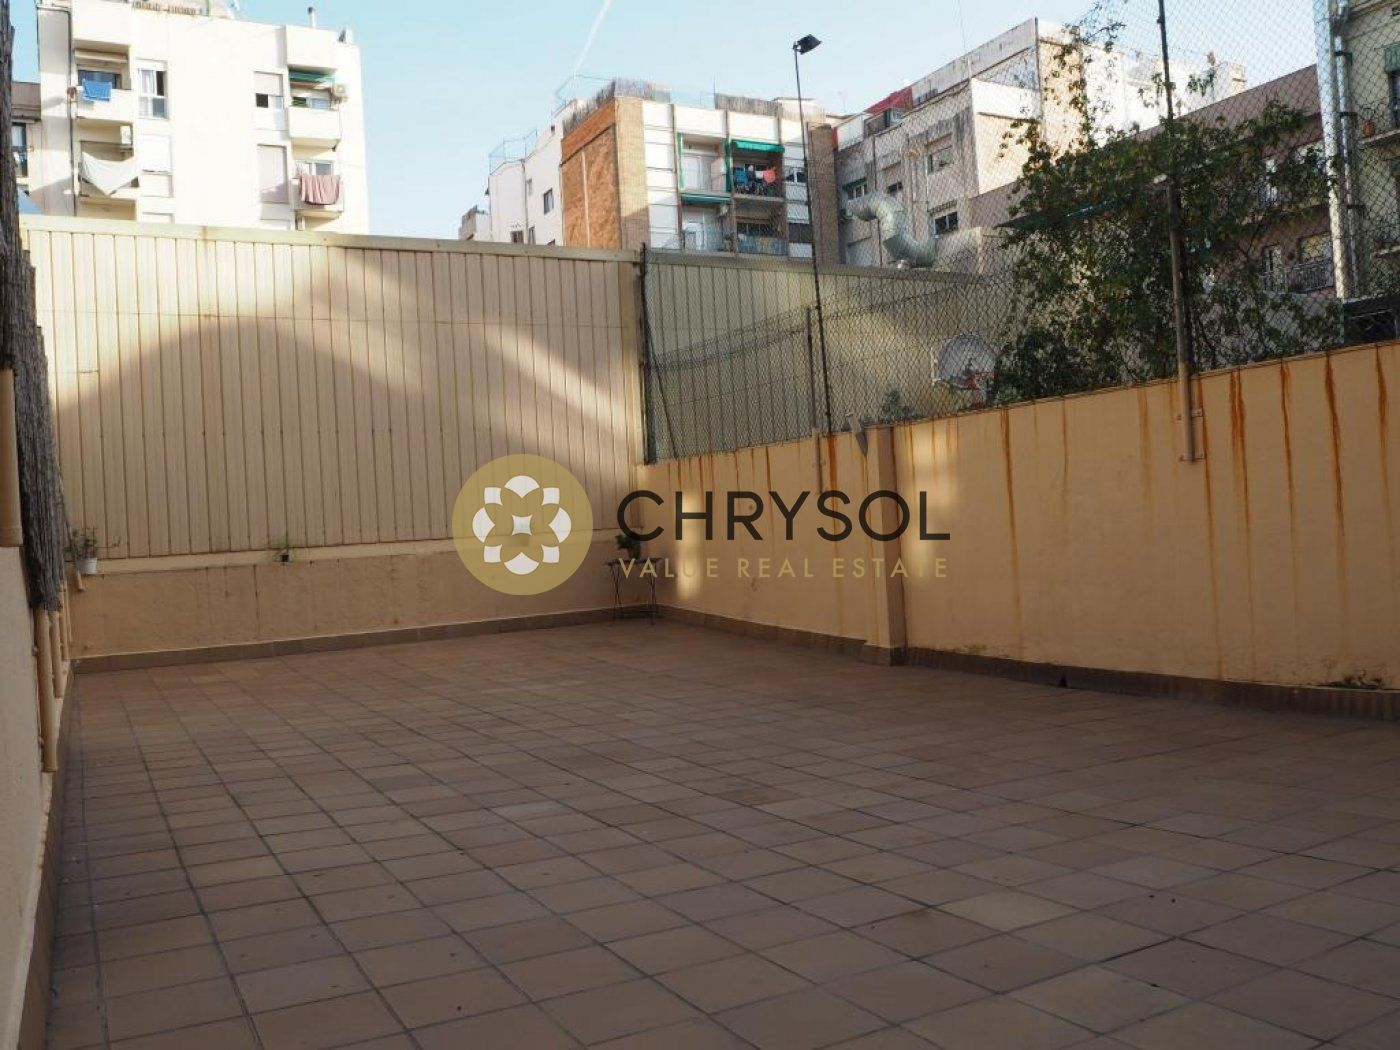 Fotogalería - 18 - Chrysol Value